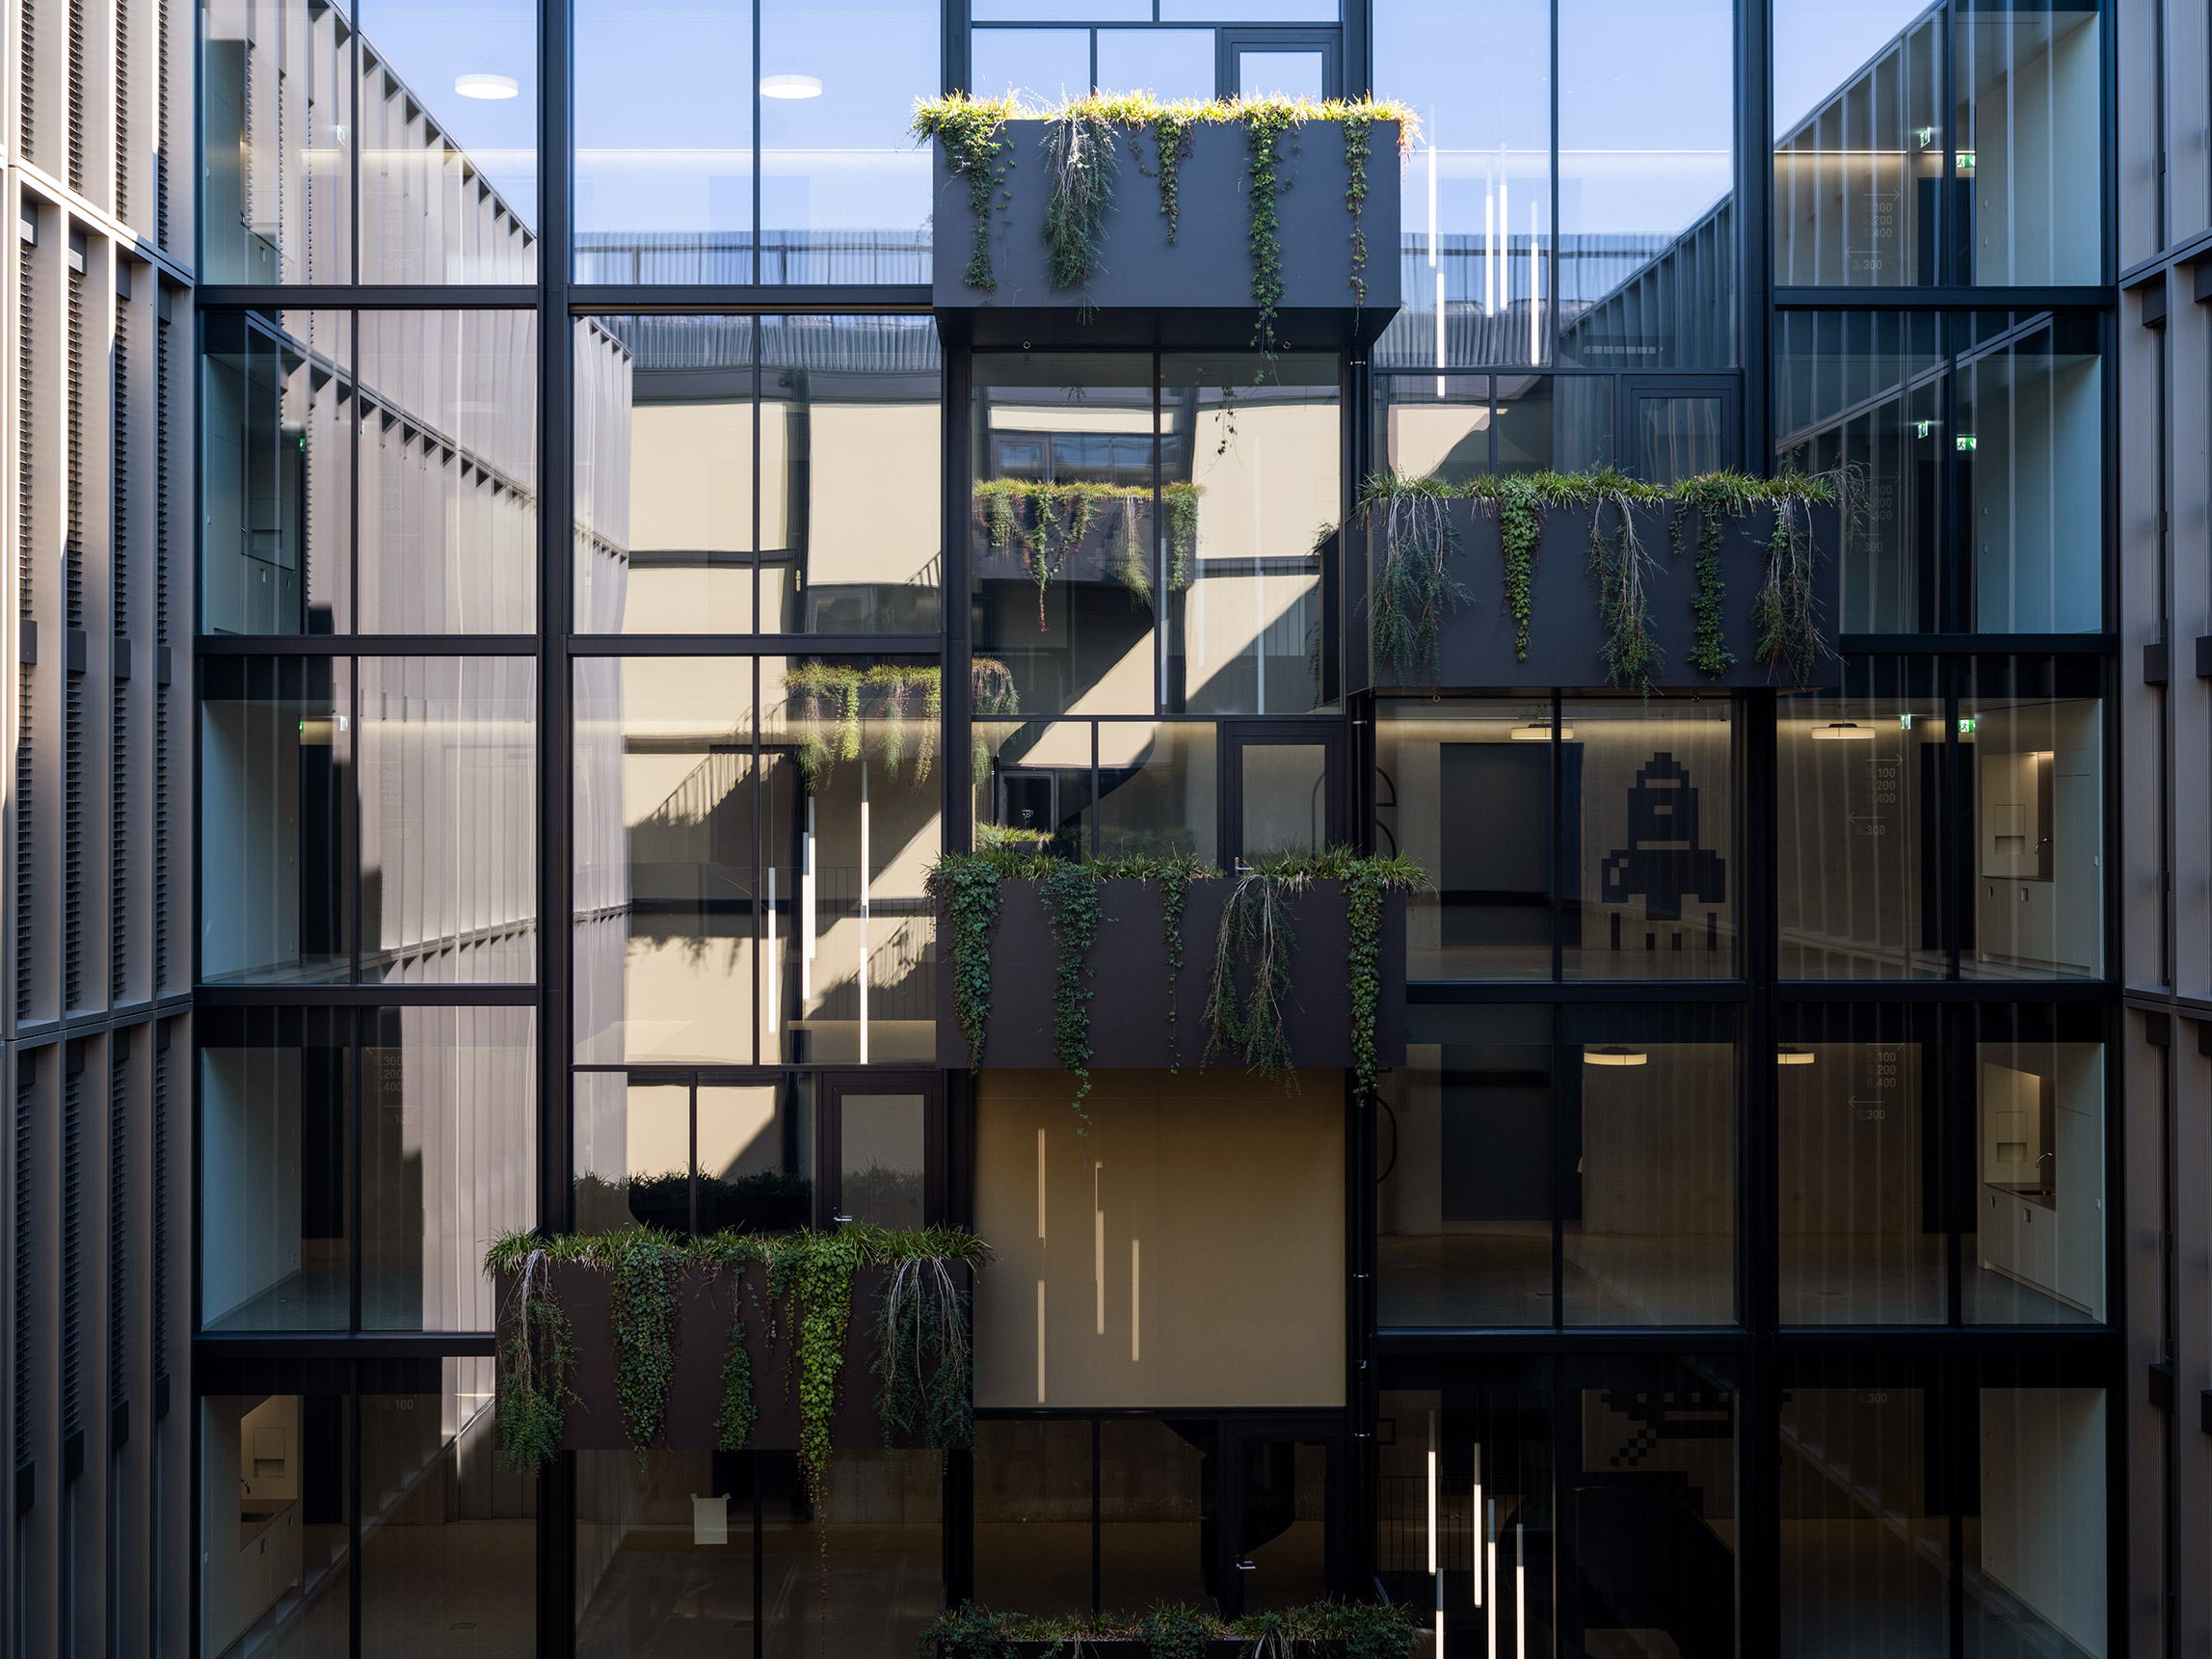 Signaletik Fassade mit Retro-Icon am Eichenweg 3, BIT, Zollikofen, Bern